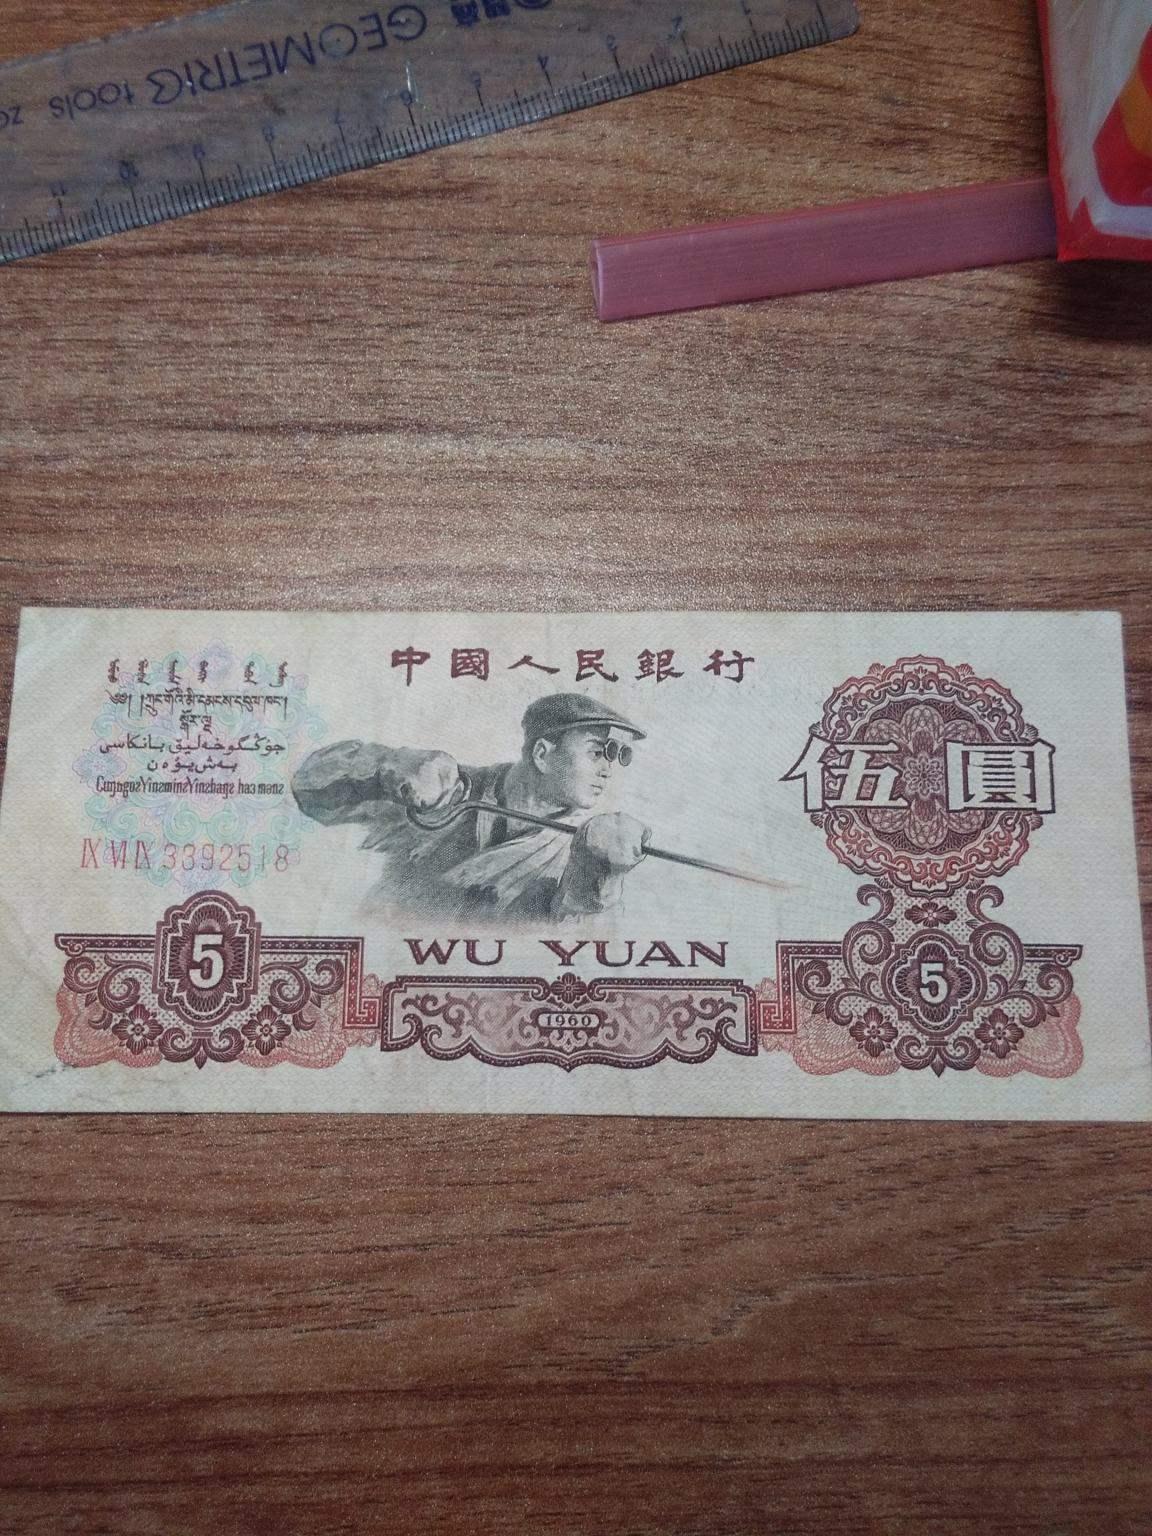 1960五元纸币现在的价格是多少?1960五元纸币值多少钱?